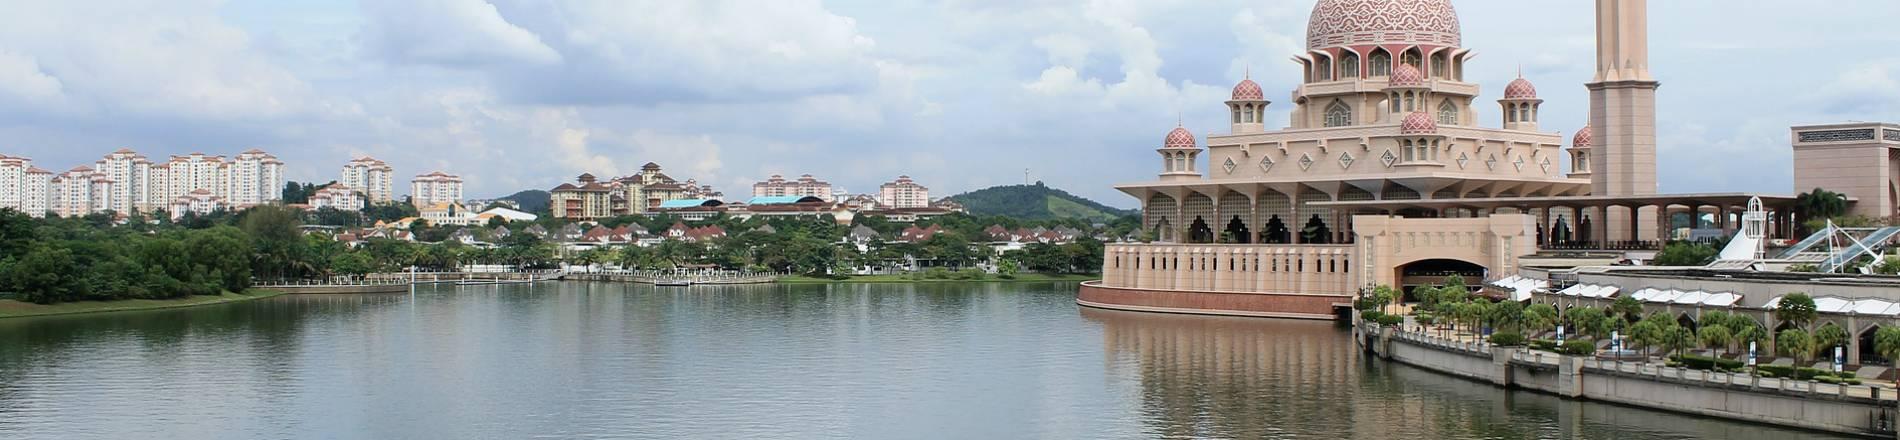 Malezija kineski web mjesto za upoznavanje